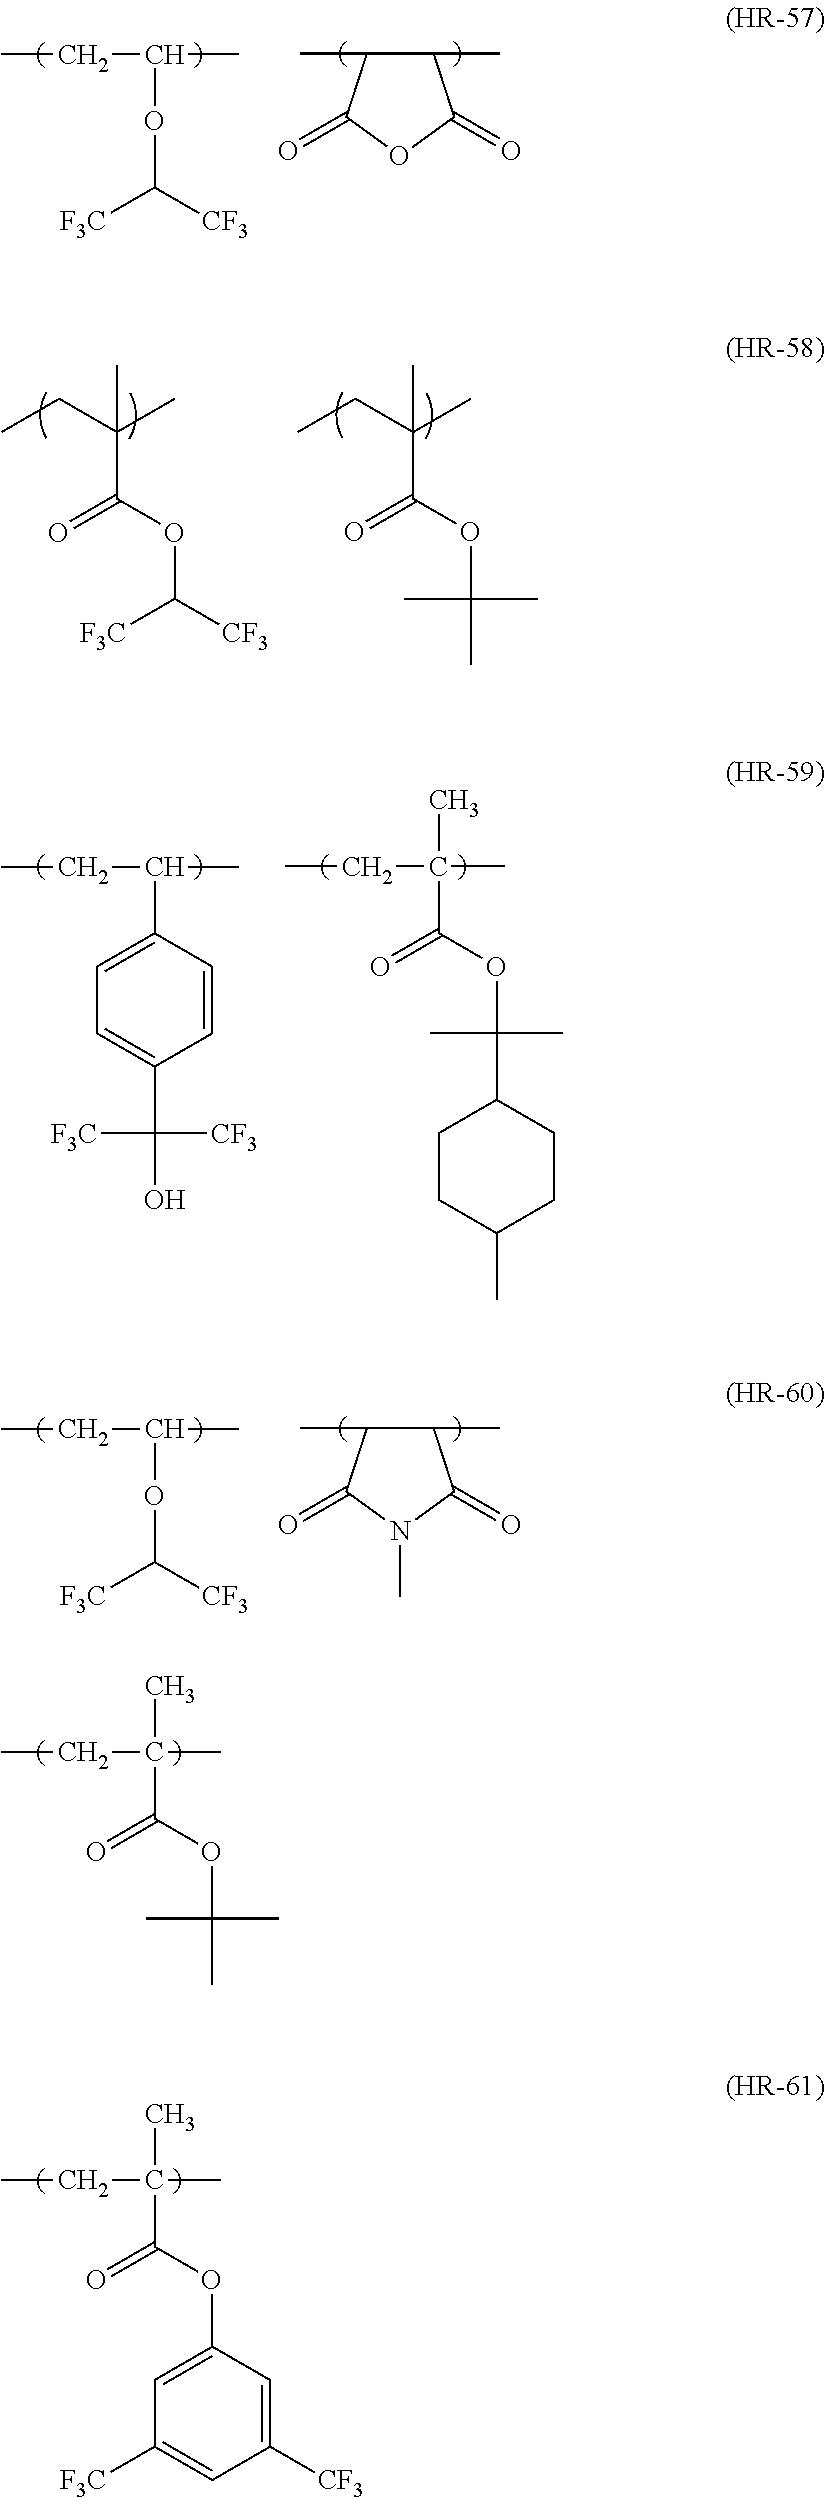 Figure US20110183258A1-20110728-C00123